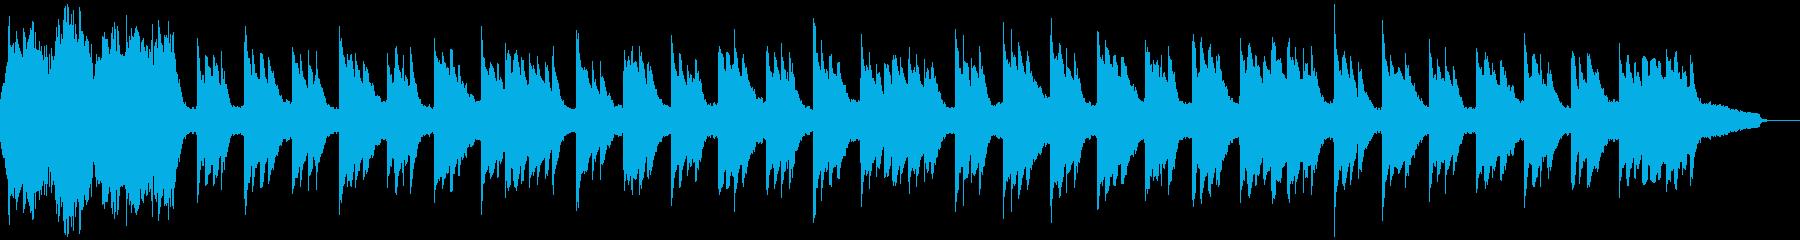 なつかしくおだやかな外国の民謡のカラオケの再生済みの波形